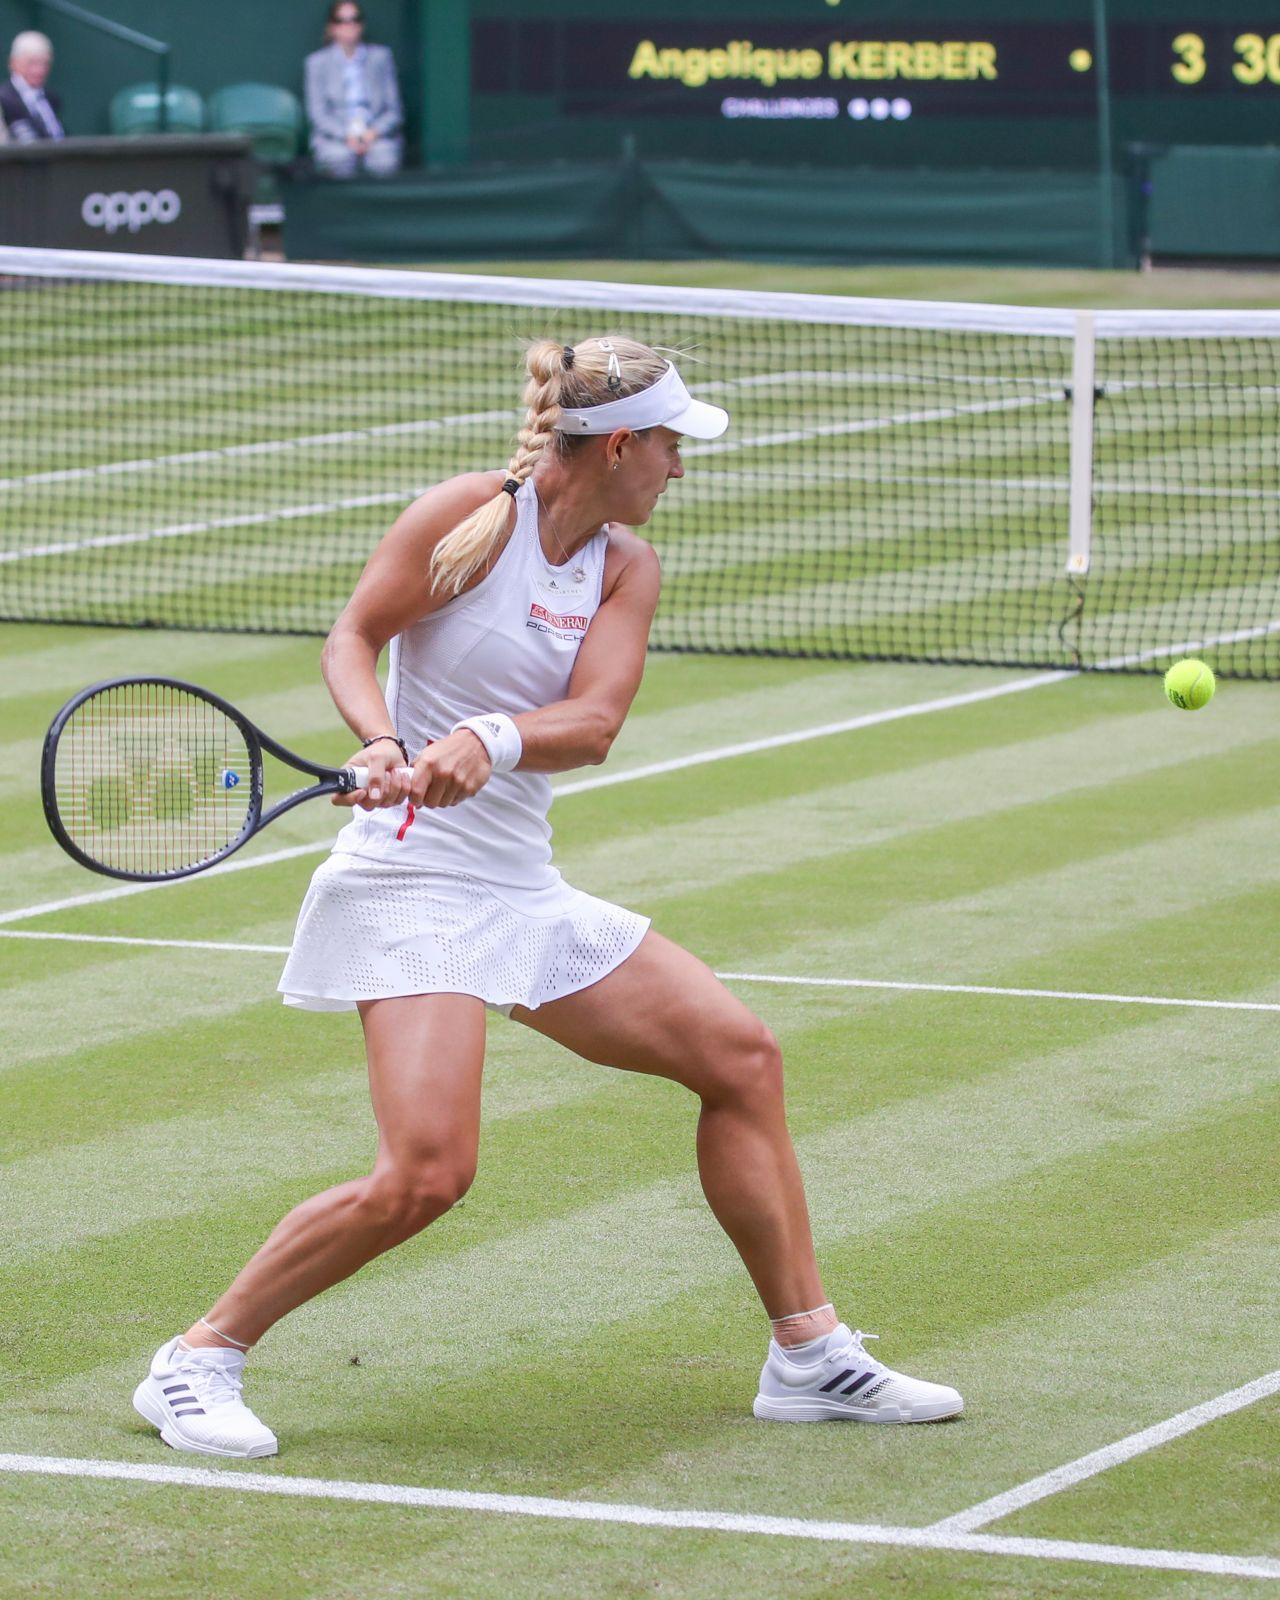 Wimbledon 2020 Kerber